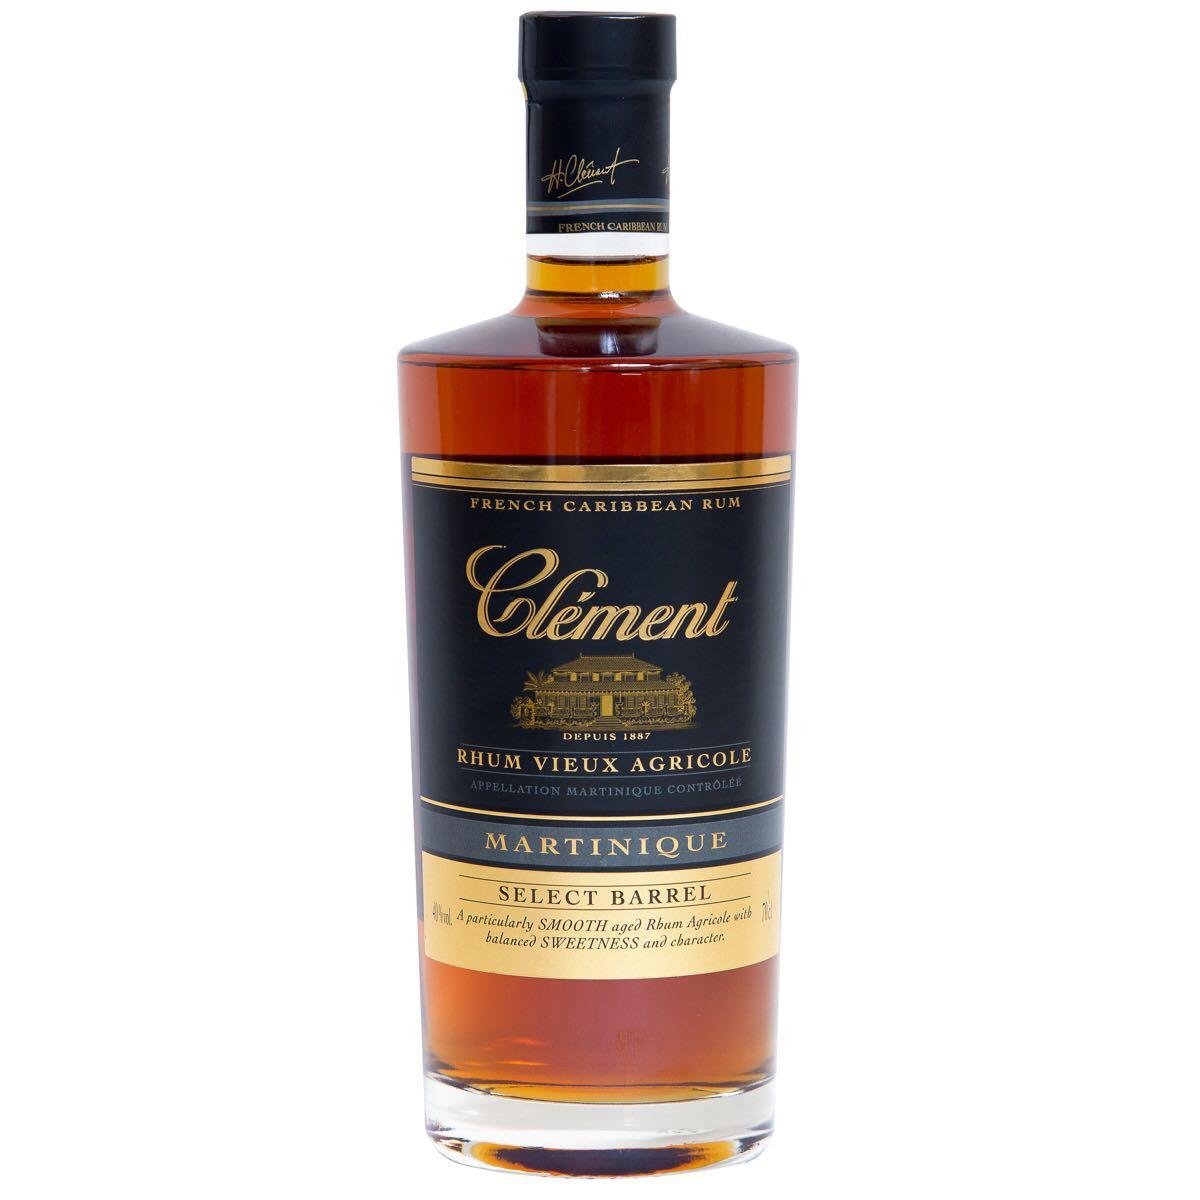 Bottle image of Select Barrel